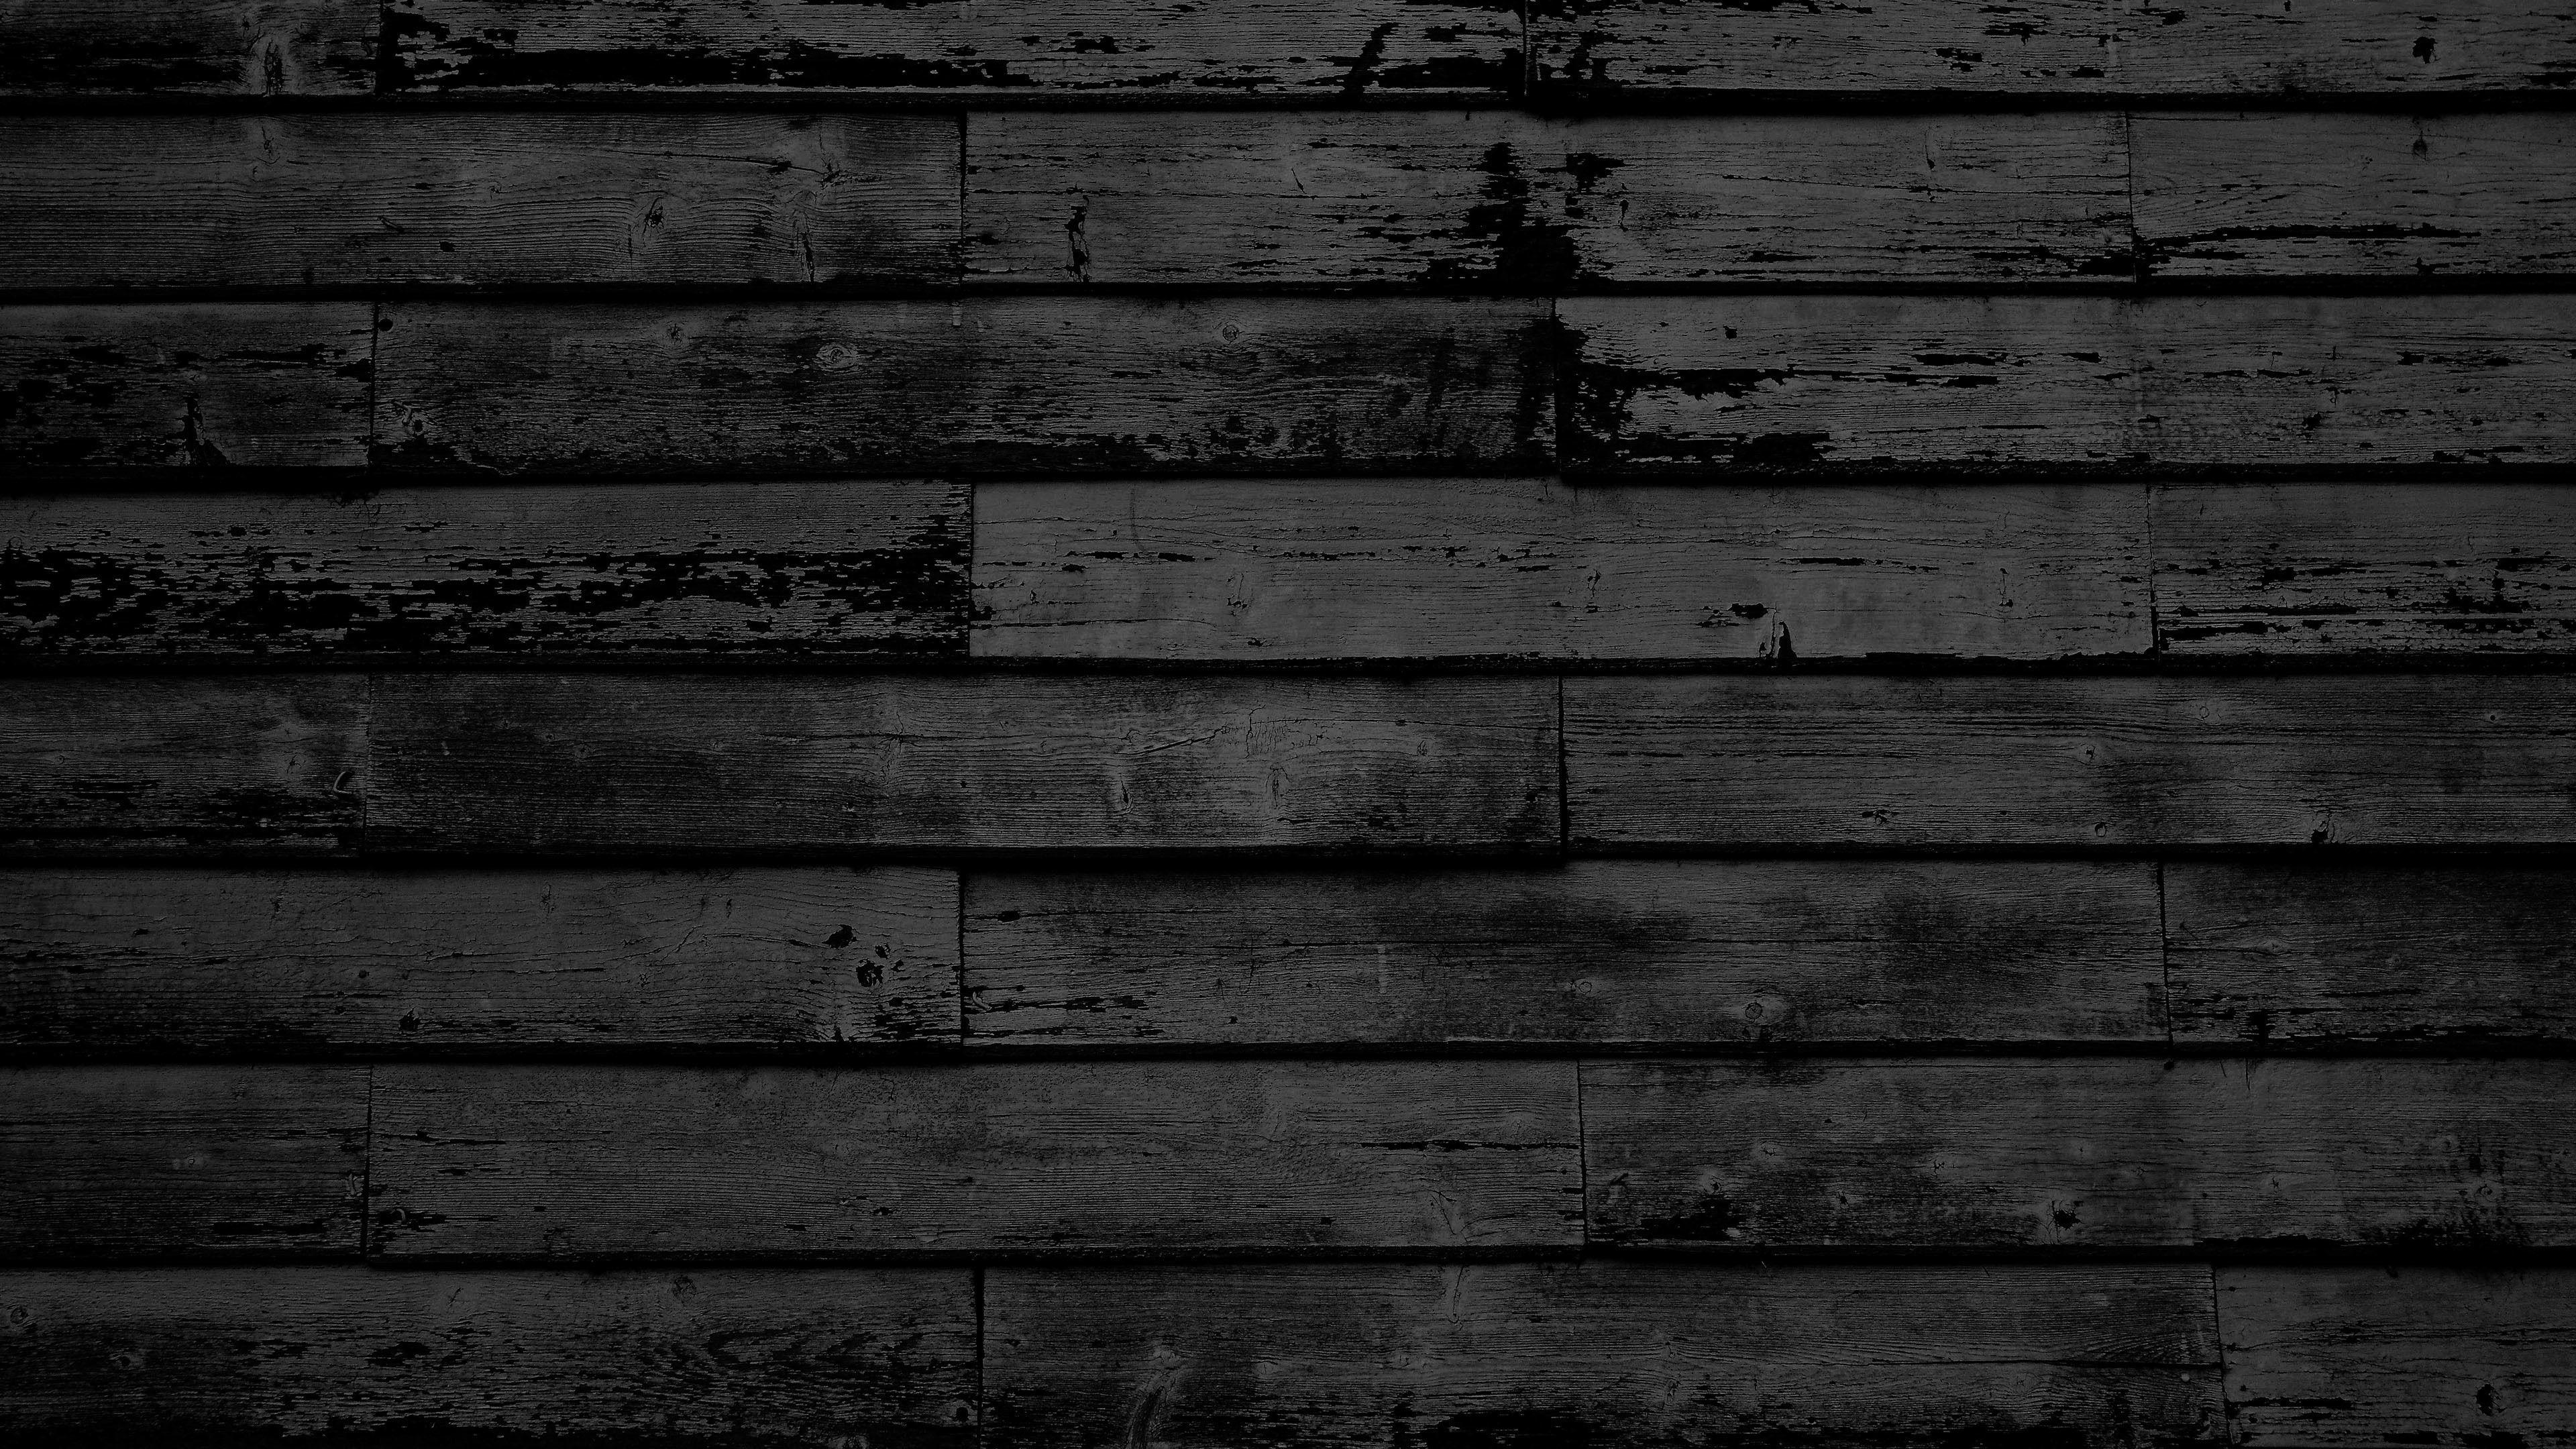 Black Wood Wood Wallpapers Hd Wallpapers Digital Art Wallpapers Abstract Wallpapers 4k Wallpapers In 2020 Abstract Wallpaper Wood Wallpaper Art Wallpaper